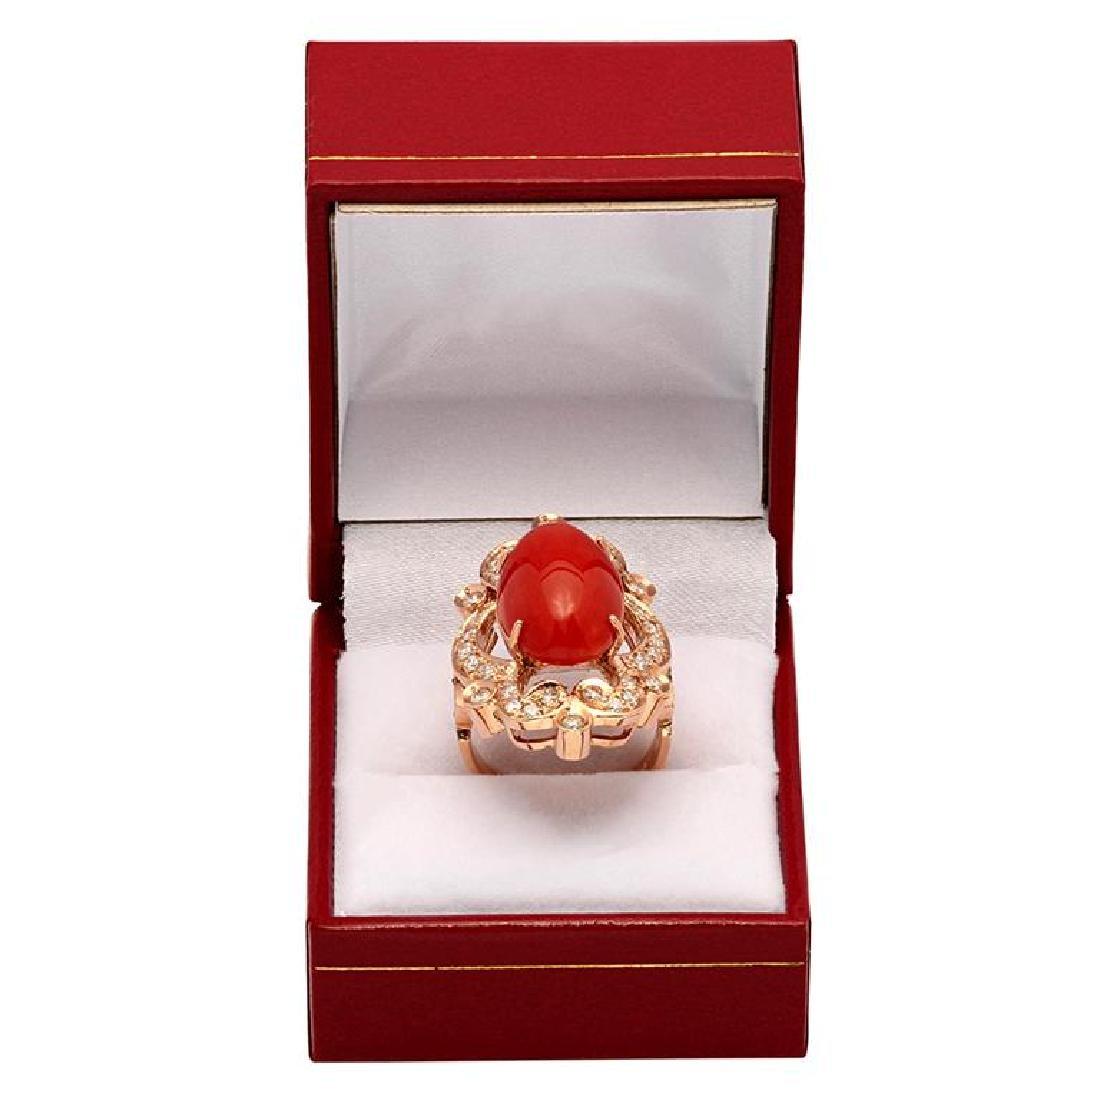 14k Rose Gold 9.64ct Coral 1.22ct Diamond Ring - 4